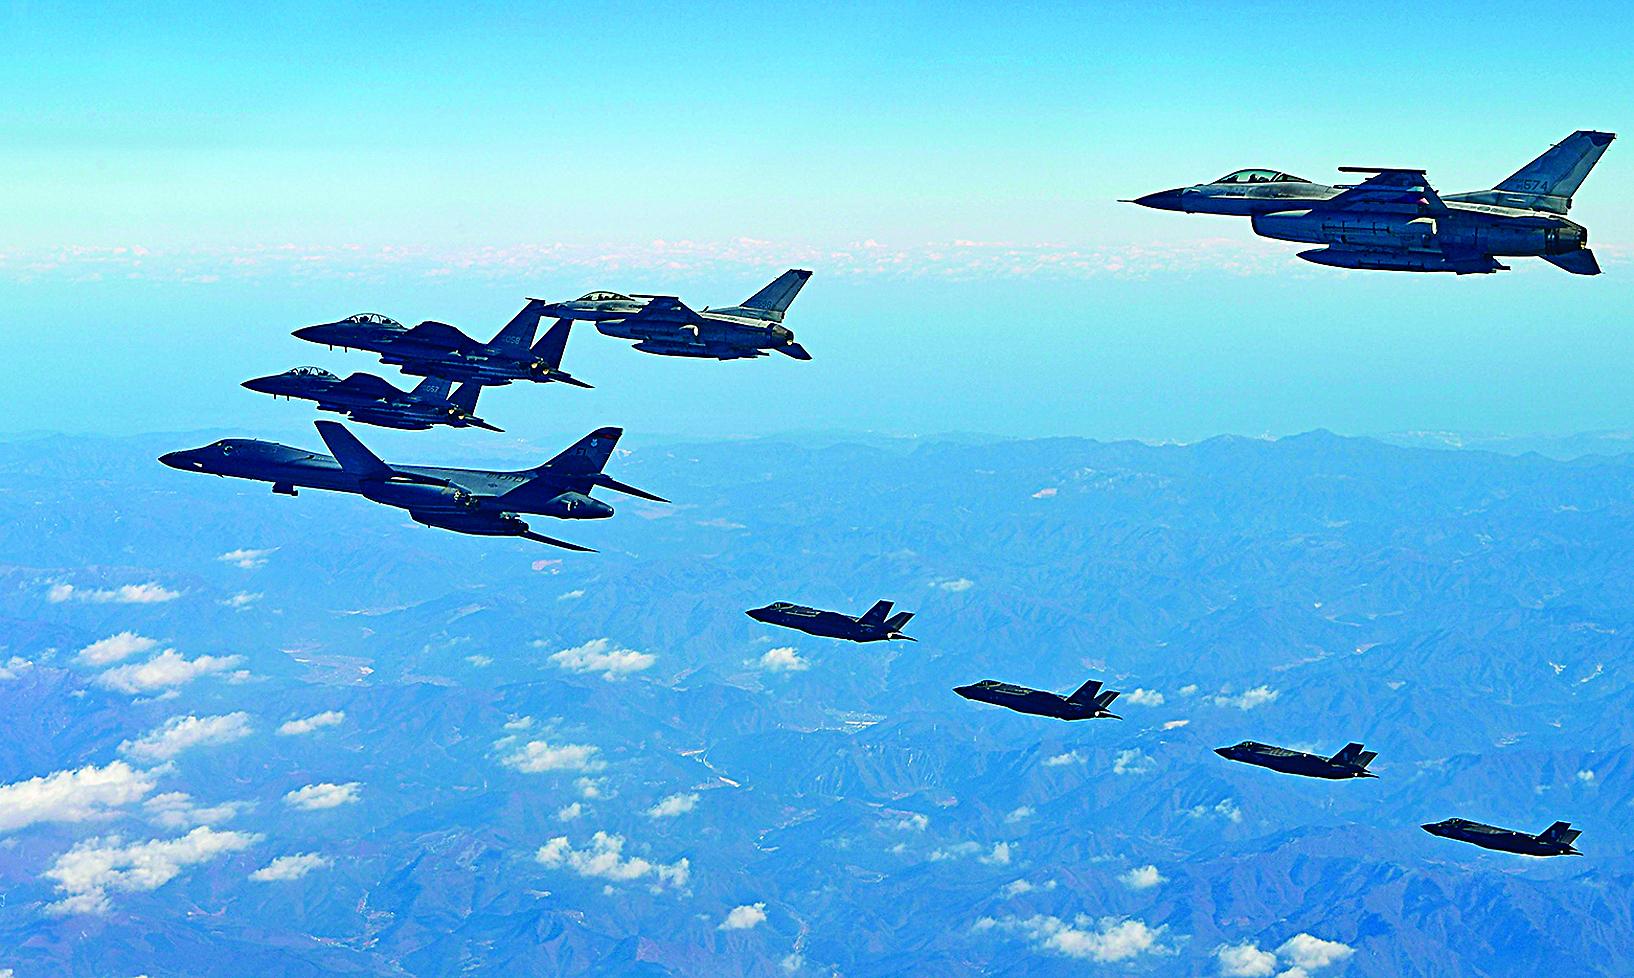 12月6日,美韓空軍史上最大規模「警戒王牌」聯合軍演中,美國空軍B-1B轟炸機飛越朝鮮半島。(Getty Images)